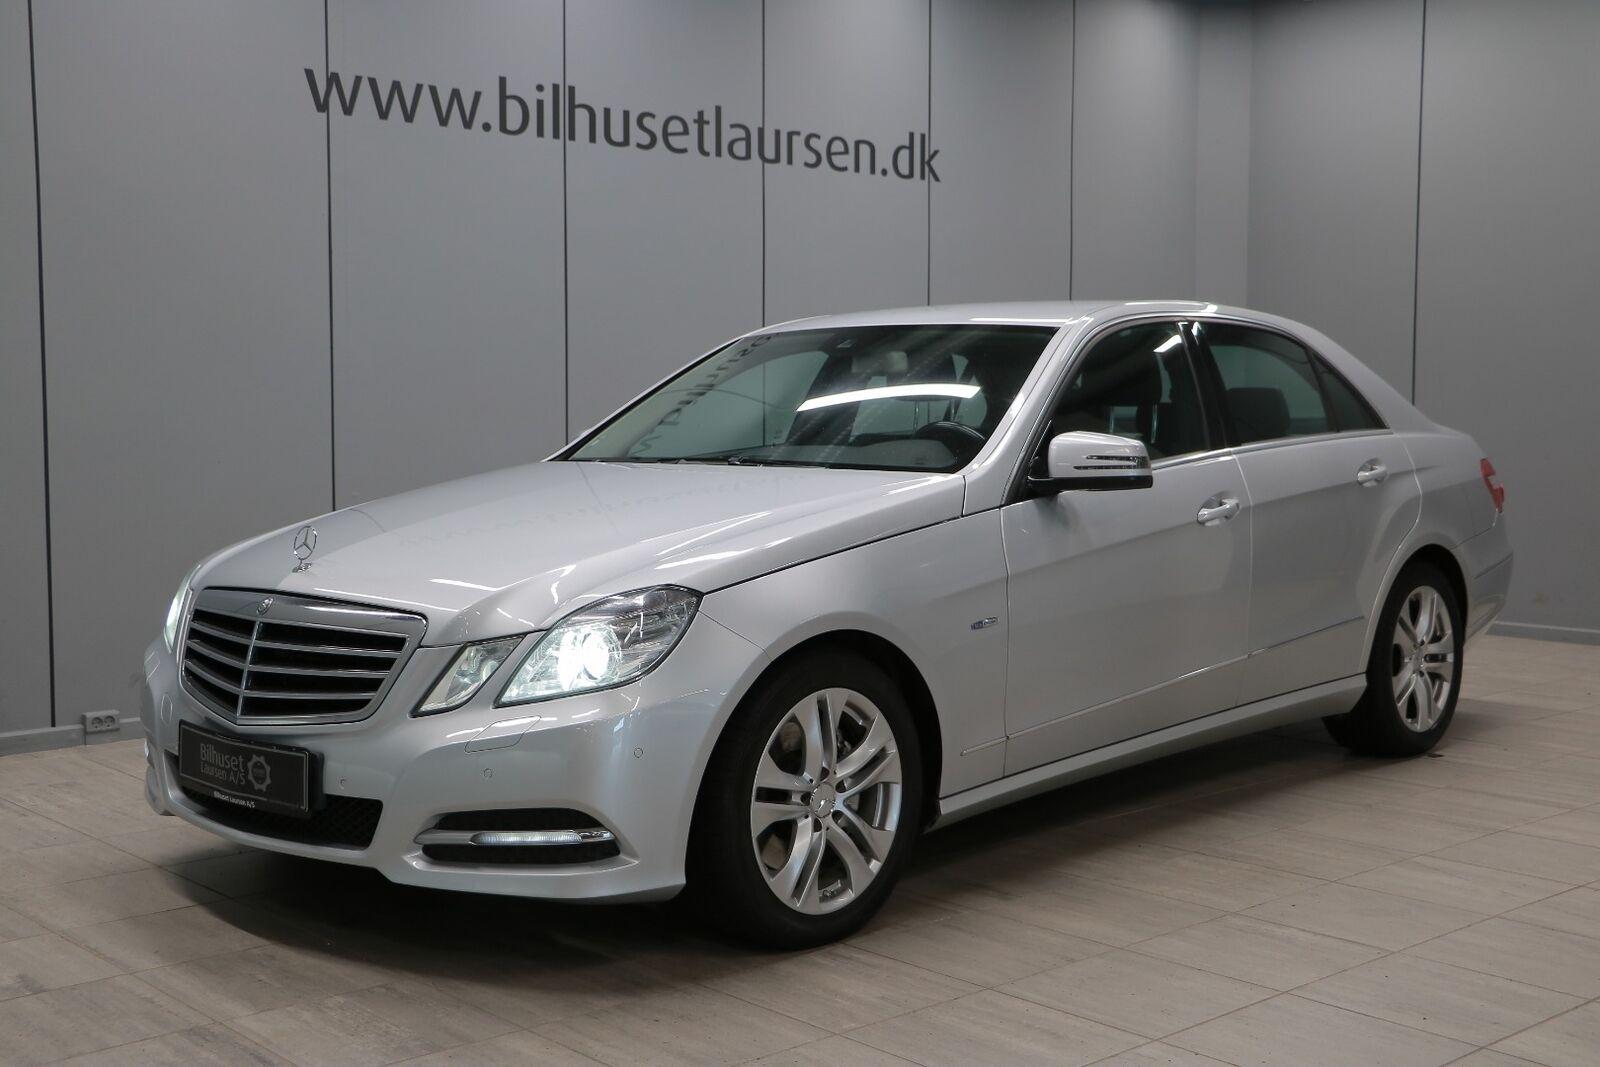 Mercedes E350 3,0 CDi Avantgarde aut. 4d - 149.900 kr.